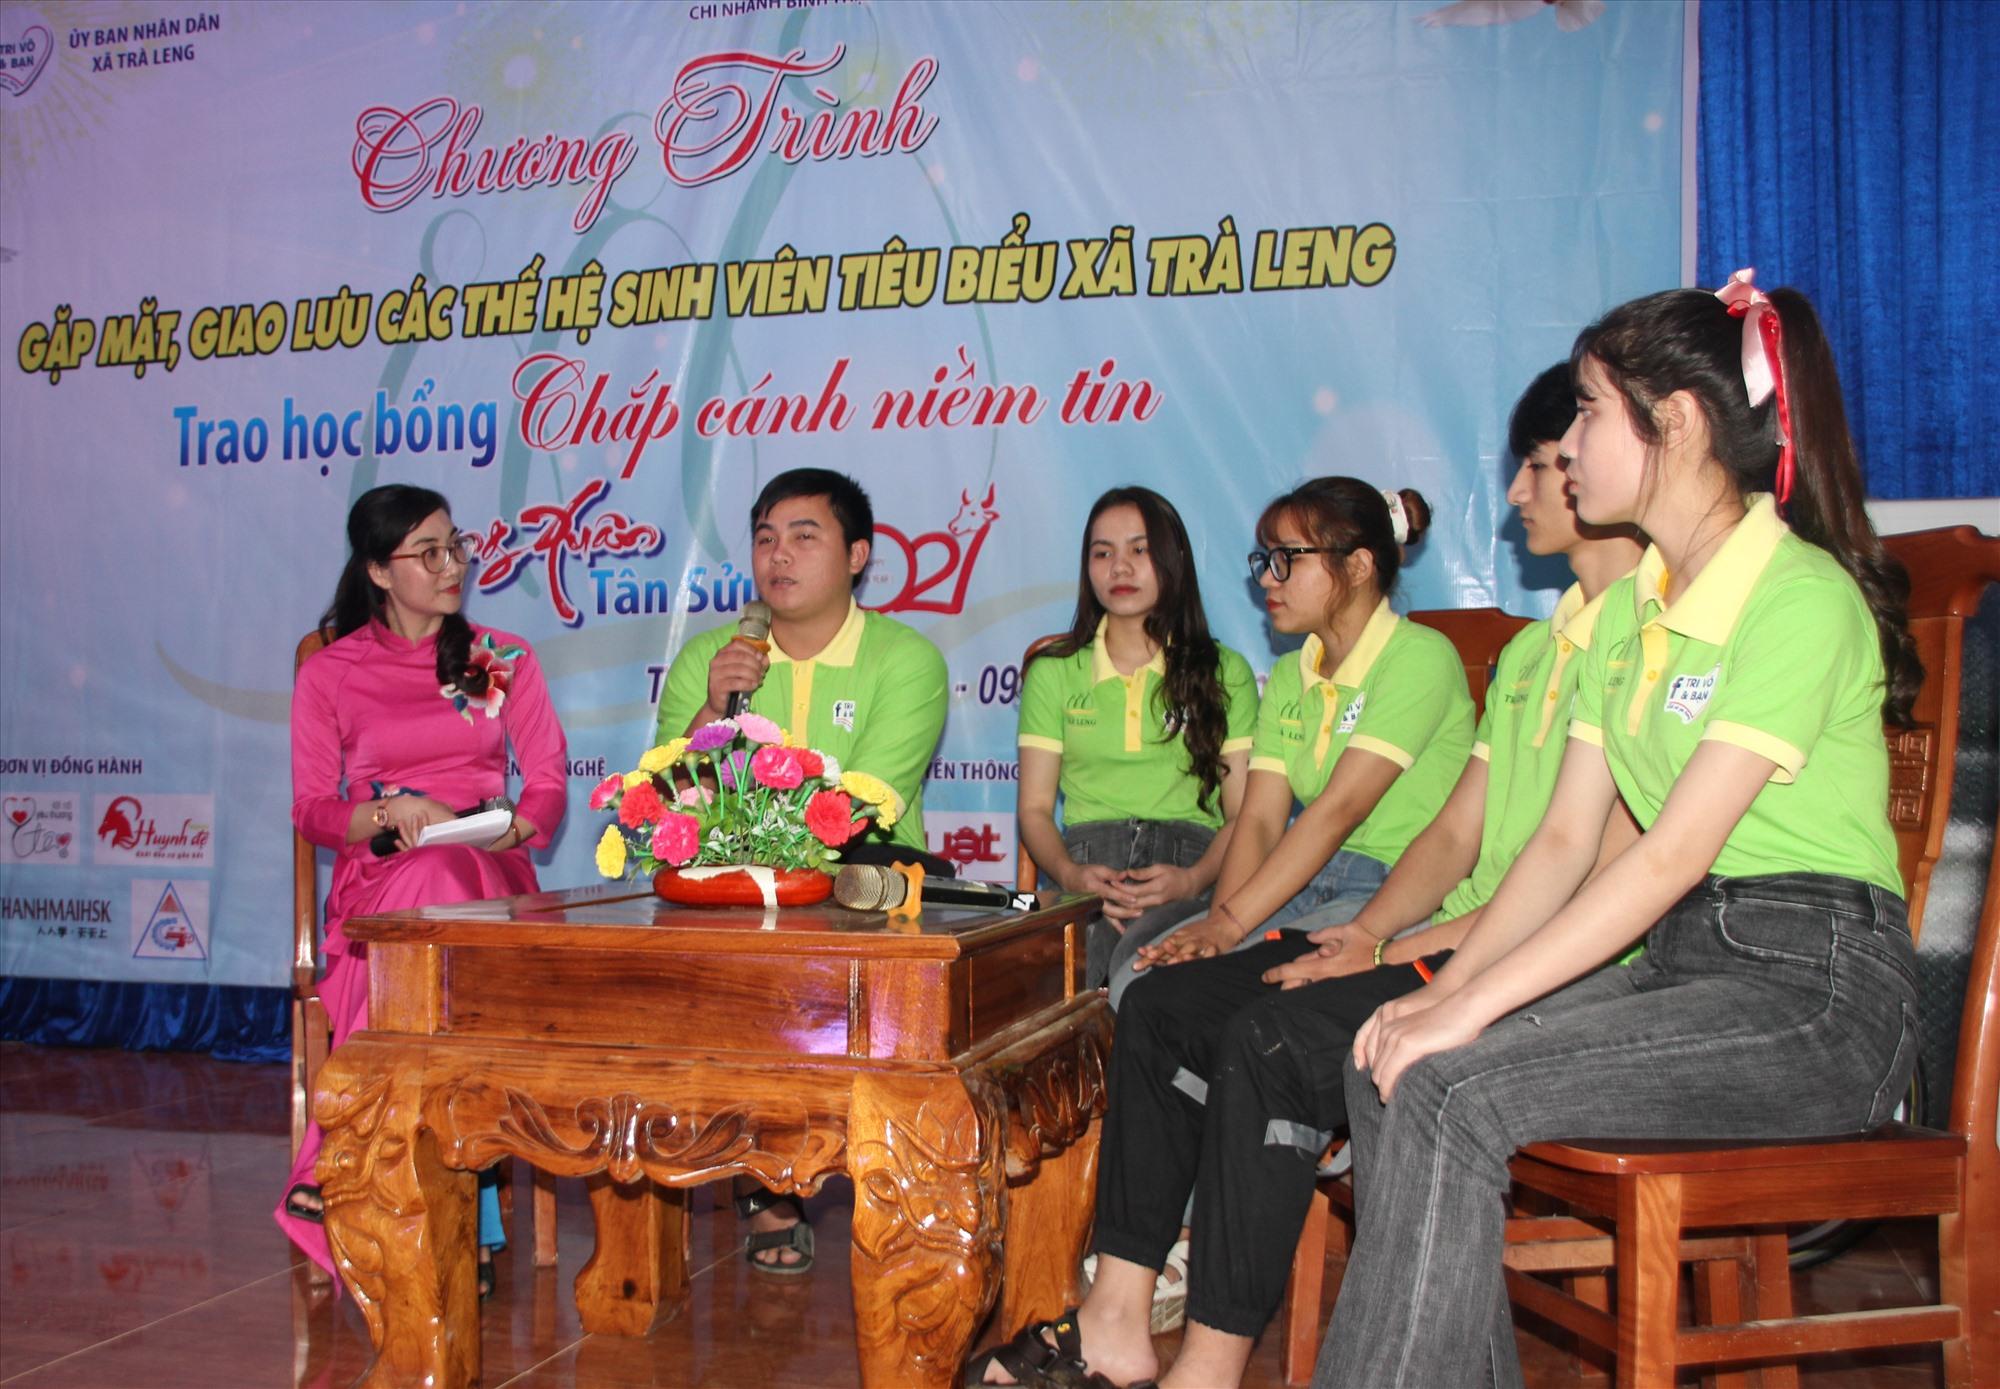 Sinh viên chia sẻ những câu chuyện của mình với học sinh Trà Leng. Ảnh: H.QUANG